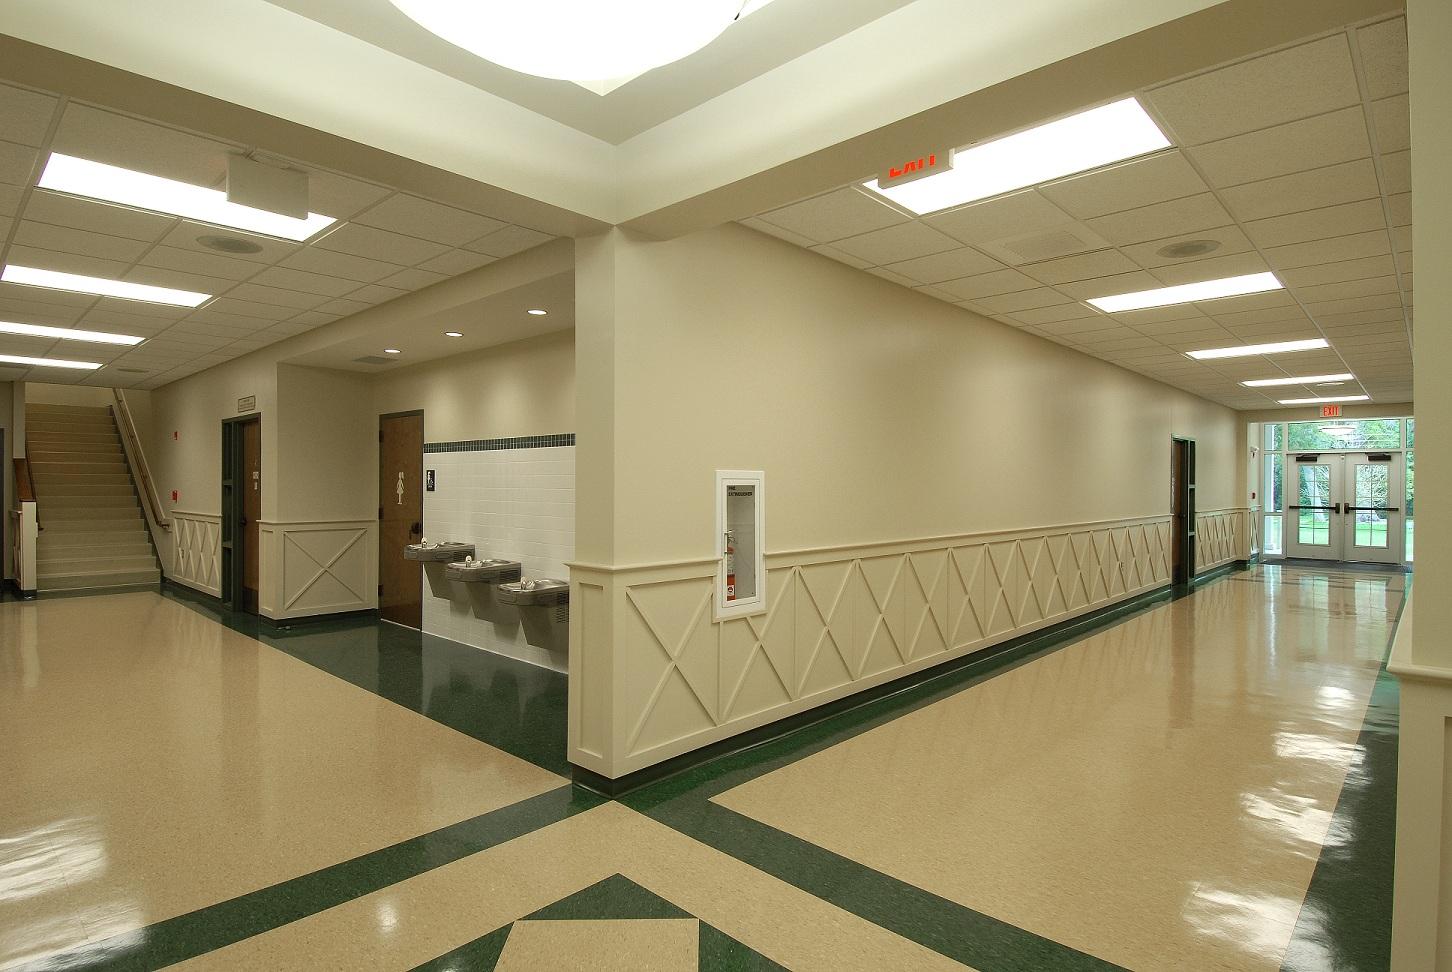 Bayside Lower School